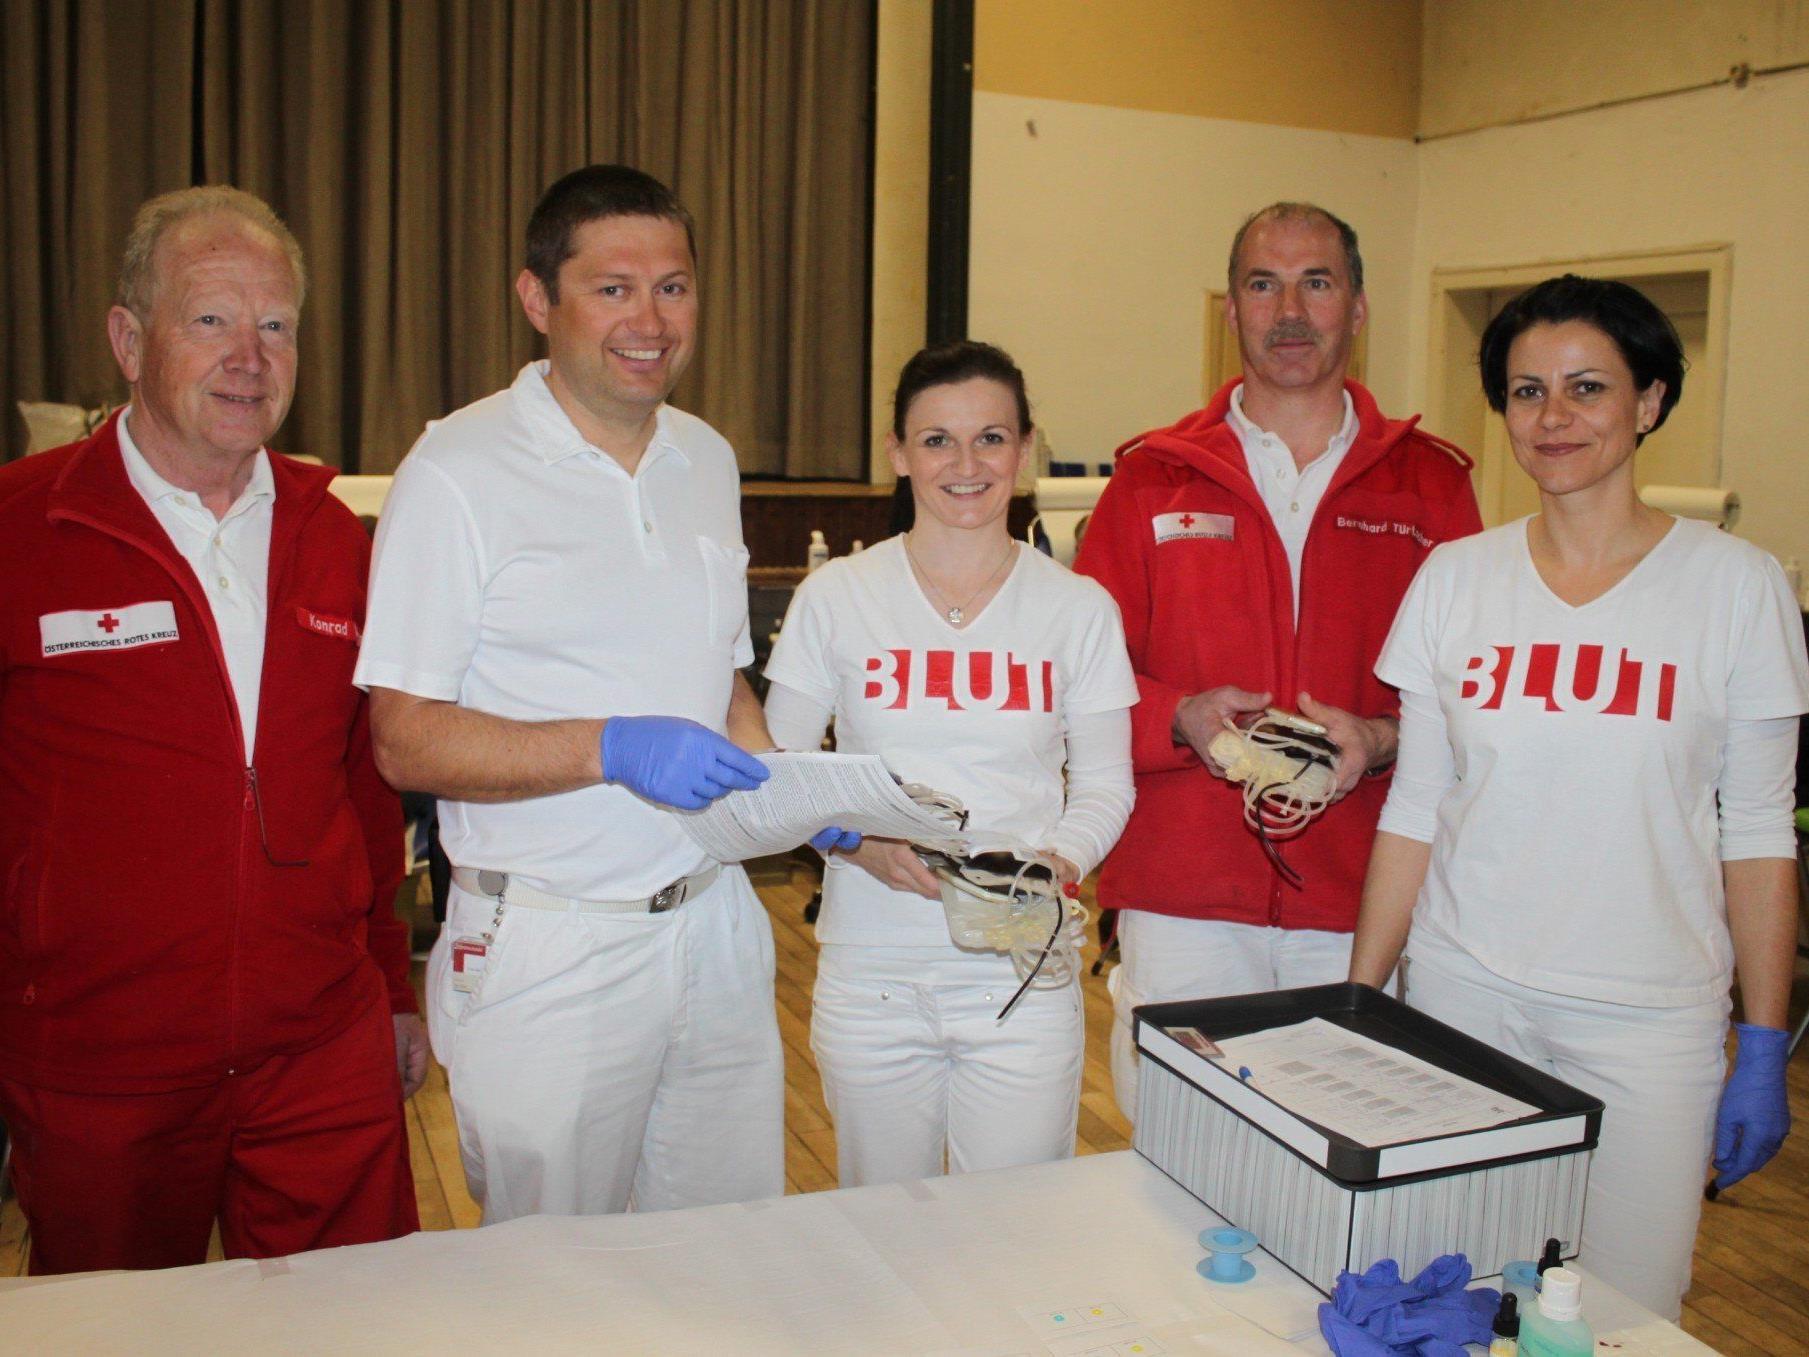 Die alljährliche Blutspende-Aktion Ende März in Lochau hat schon Tradition.